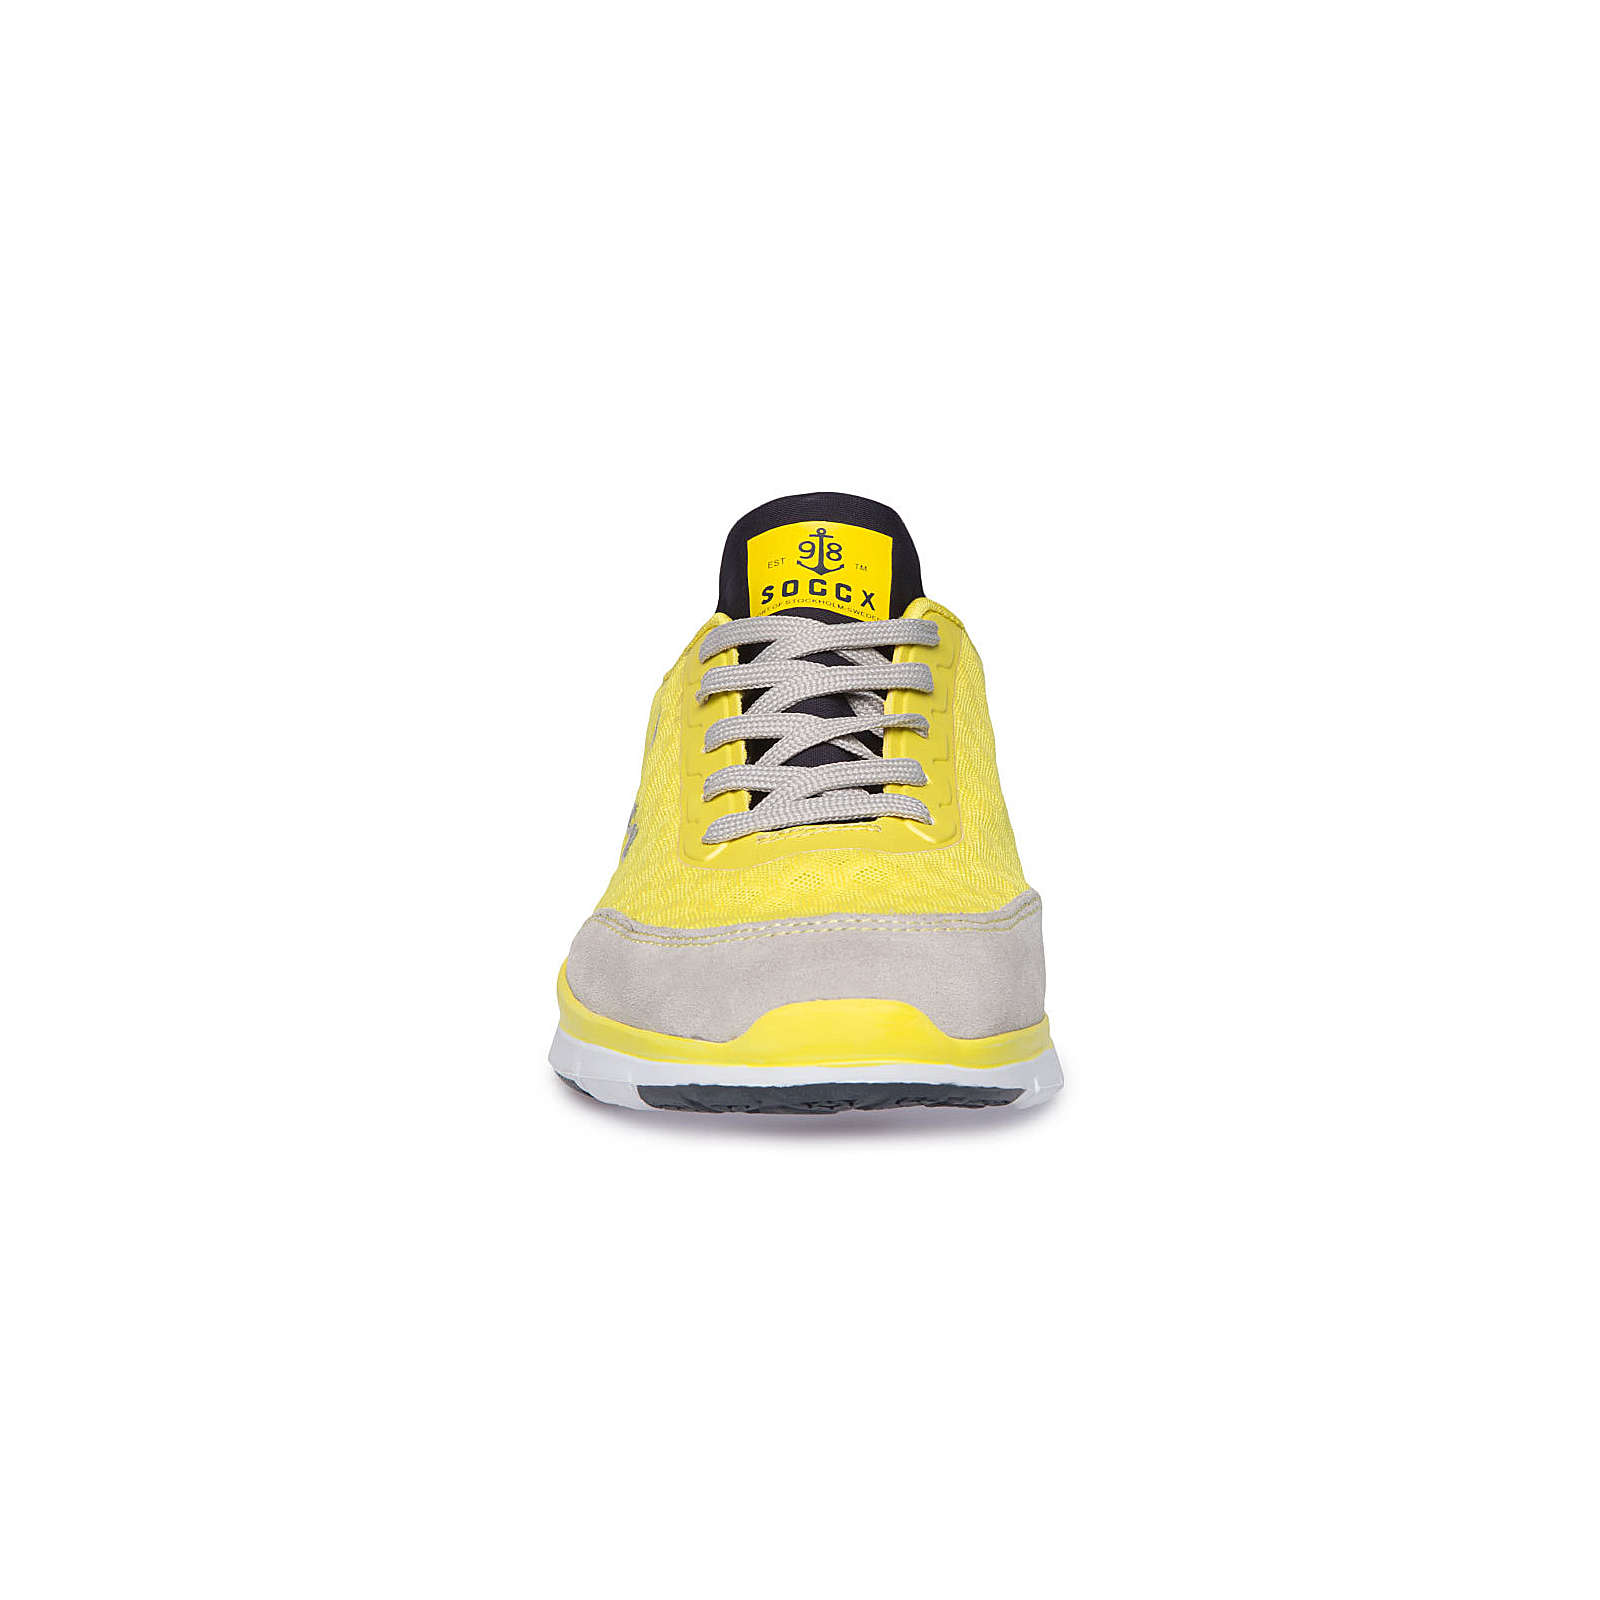 Soccx Sportlicher Sneaker mit Mesh-Struktur gelb Damen Gr. 37